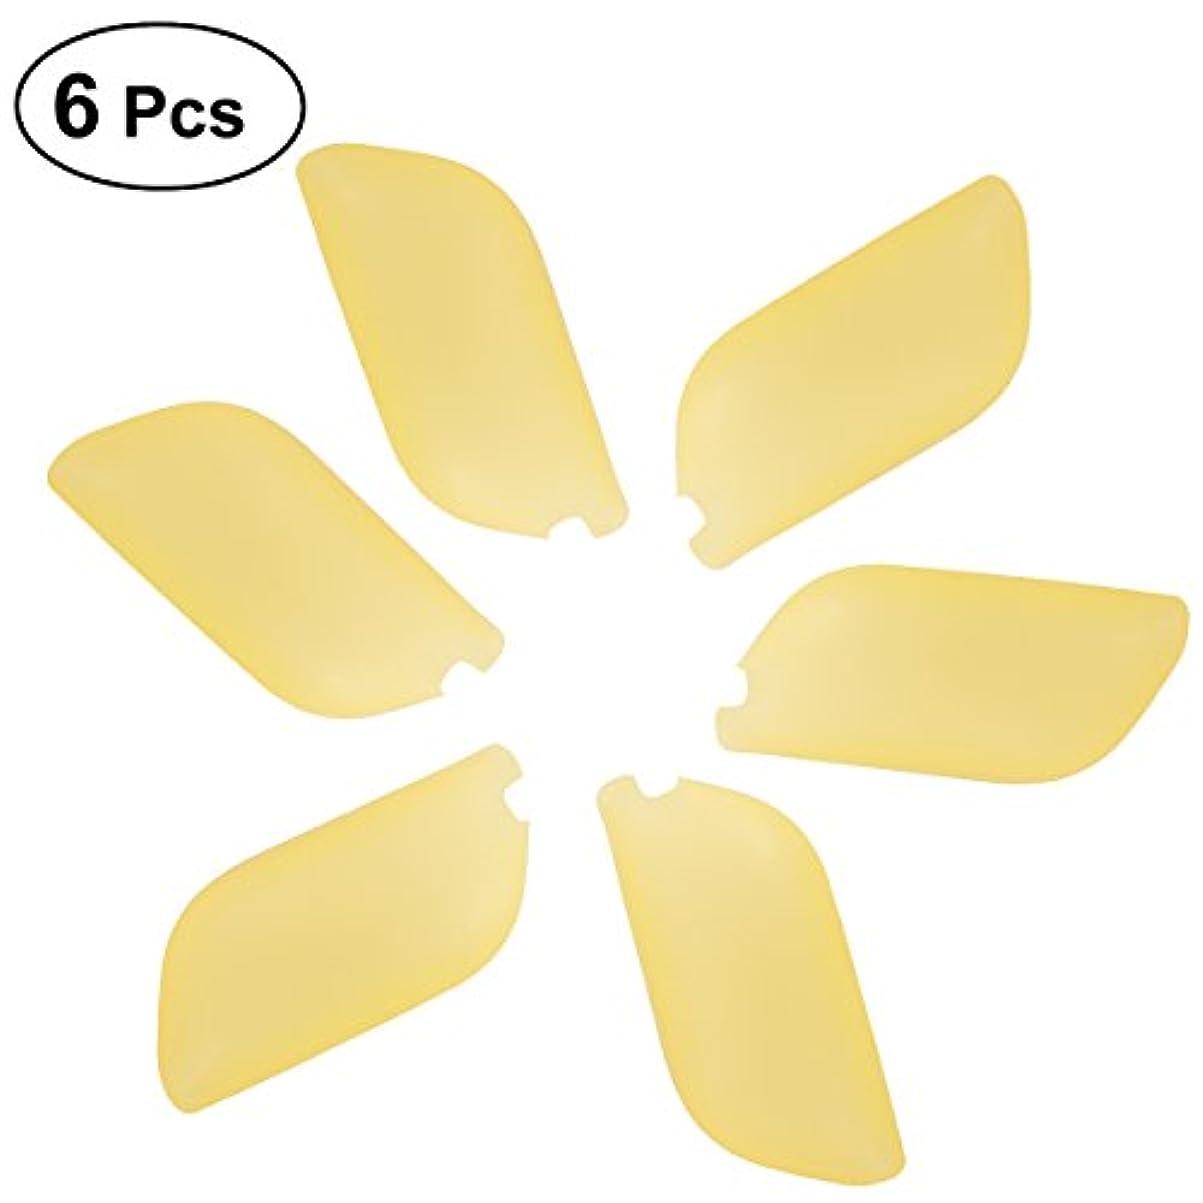 虐待ノーブルアレルギー性HEALLILYシリコン歯ブラシヘッドカバーホルダー歯ブラシ保護カバー保護ケース用歯ブラシ6本